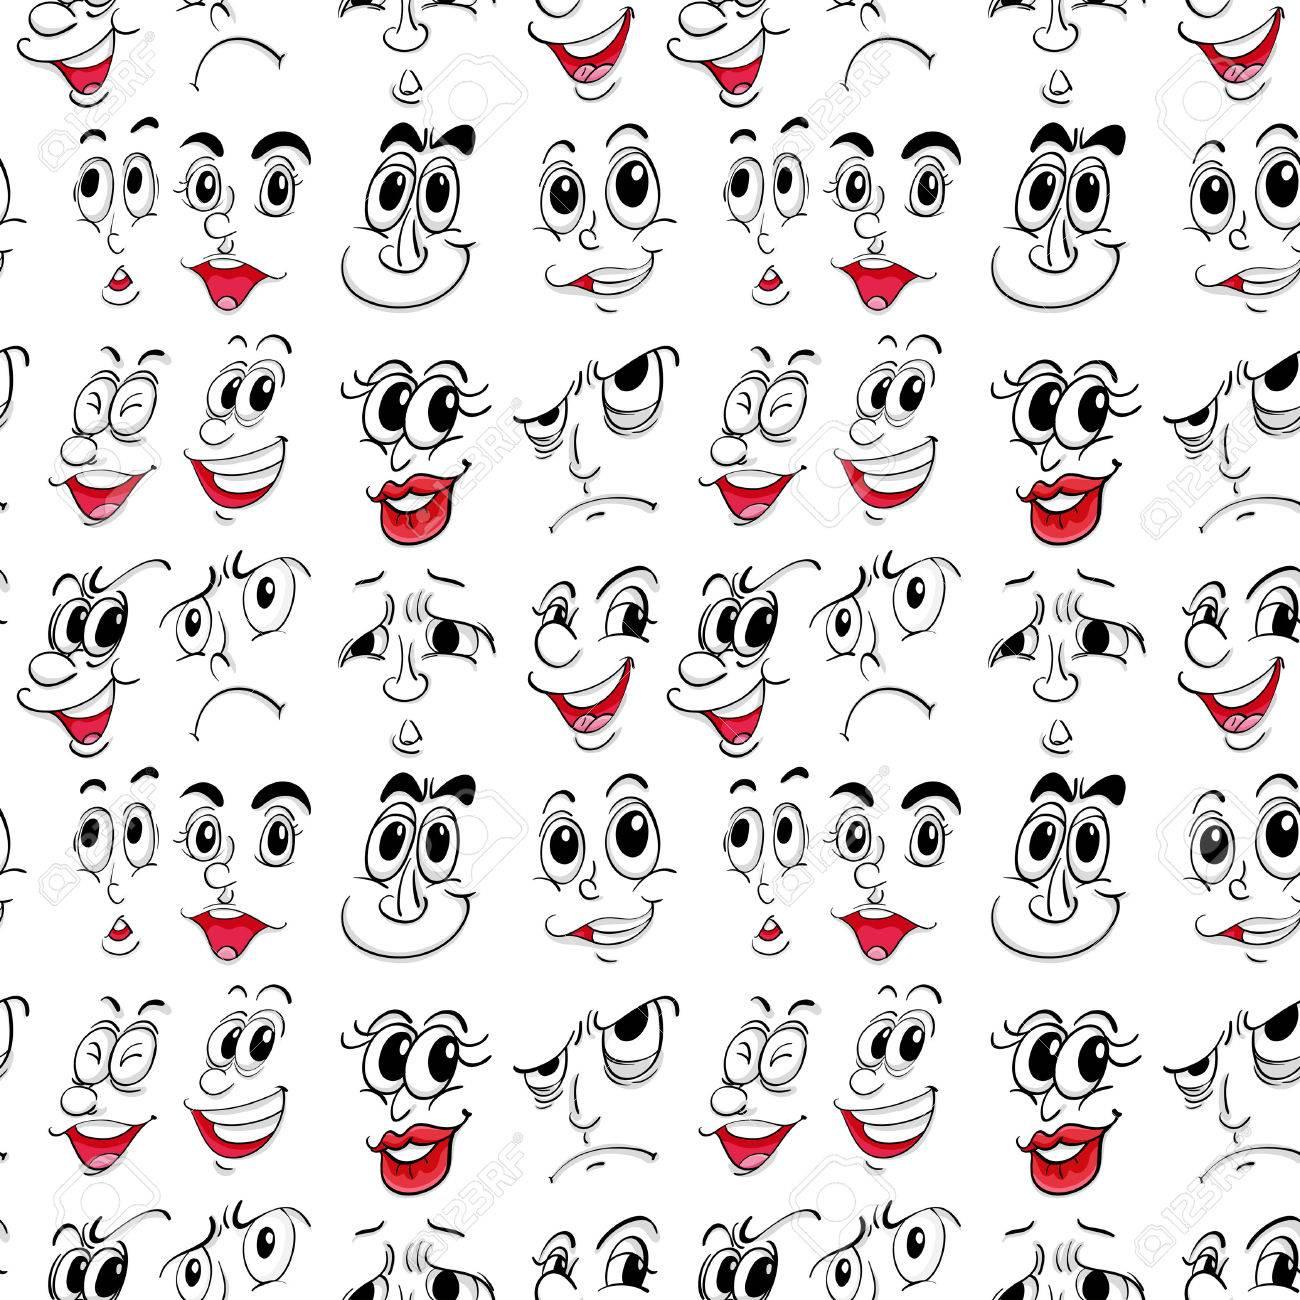 顔の表情のイラストのイラスト素材ベクタ Image 31216080